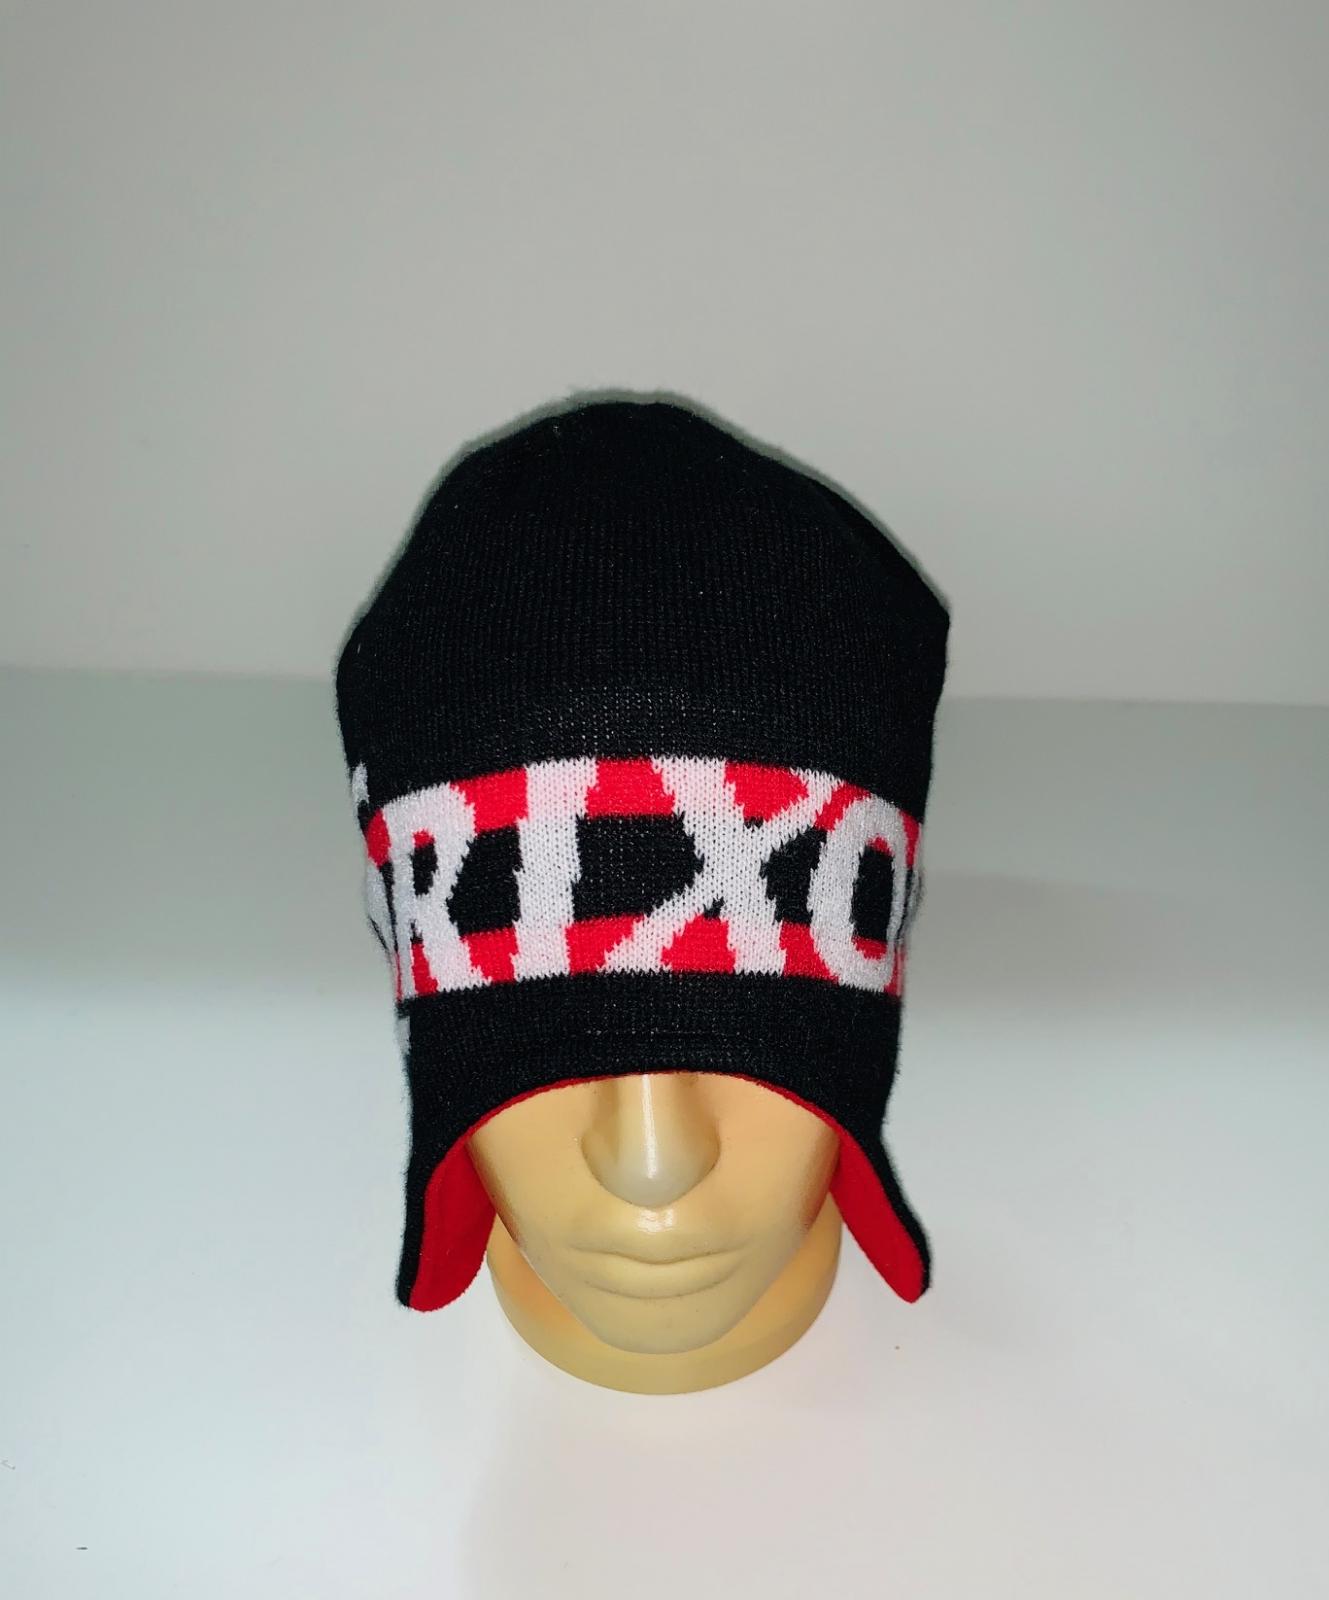 Привлекательная шапка с ярким узором